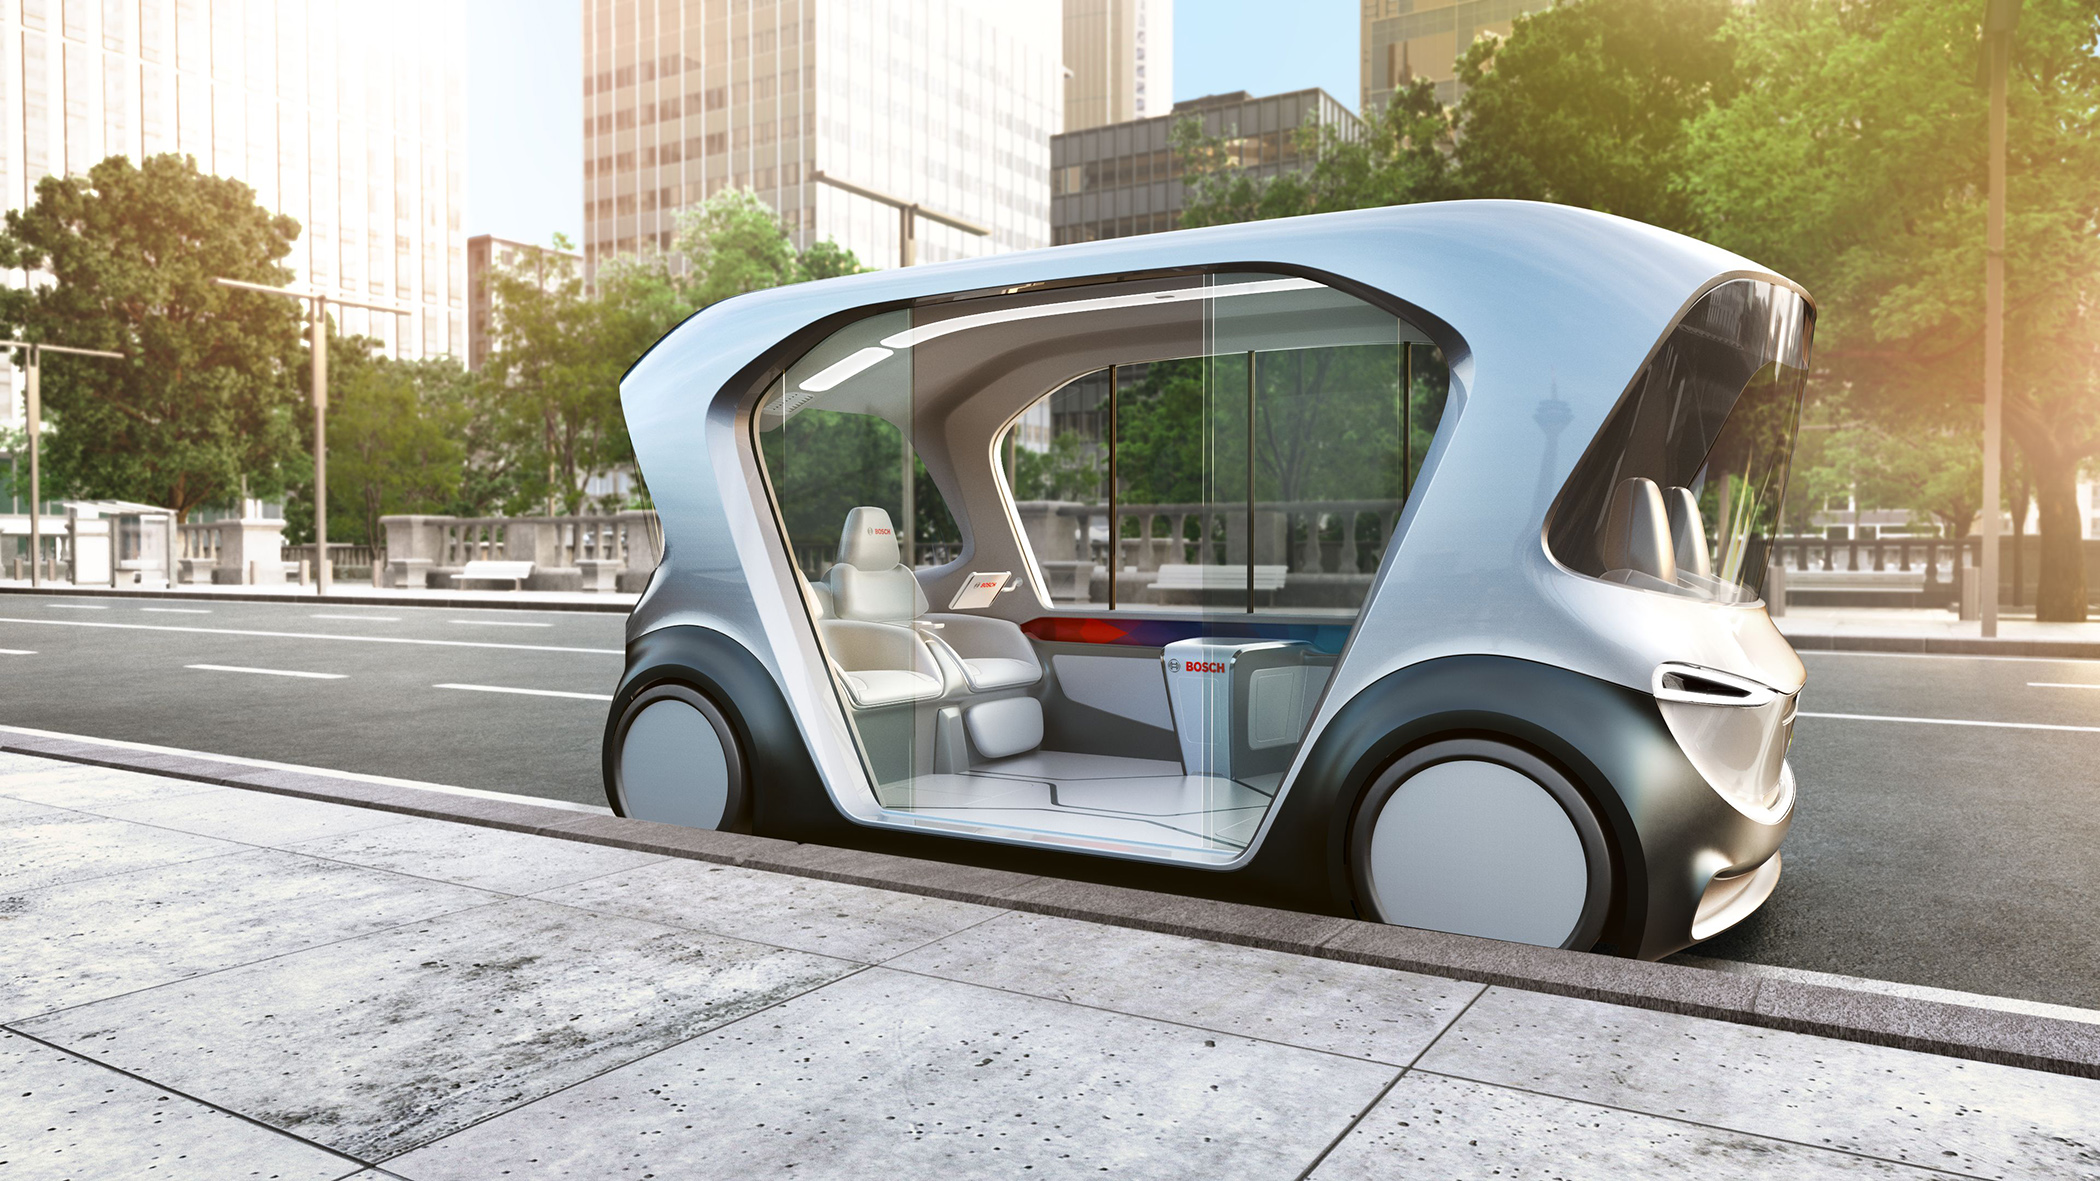 Weltpremiere des neuen Shuttle-Konzeptfahrzeugs von Bosch auf der CES 2019 in Las Vegas